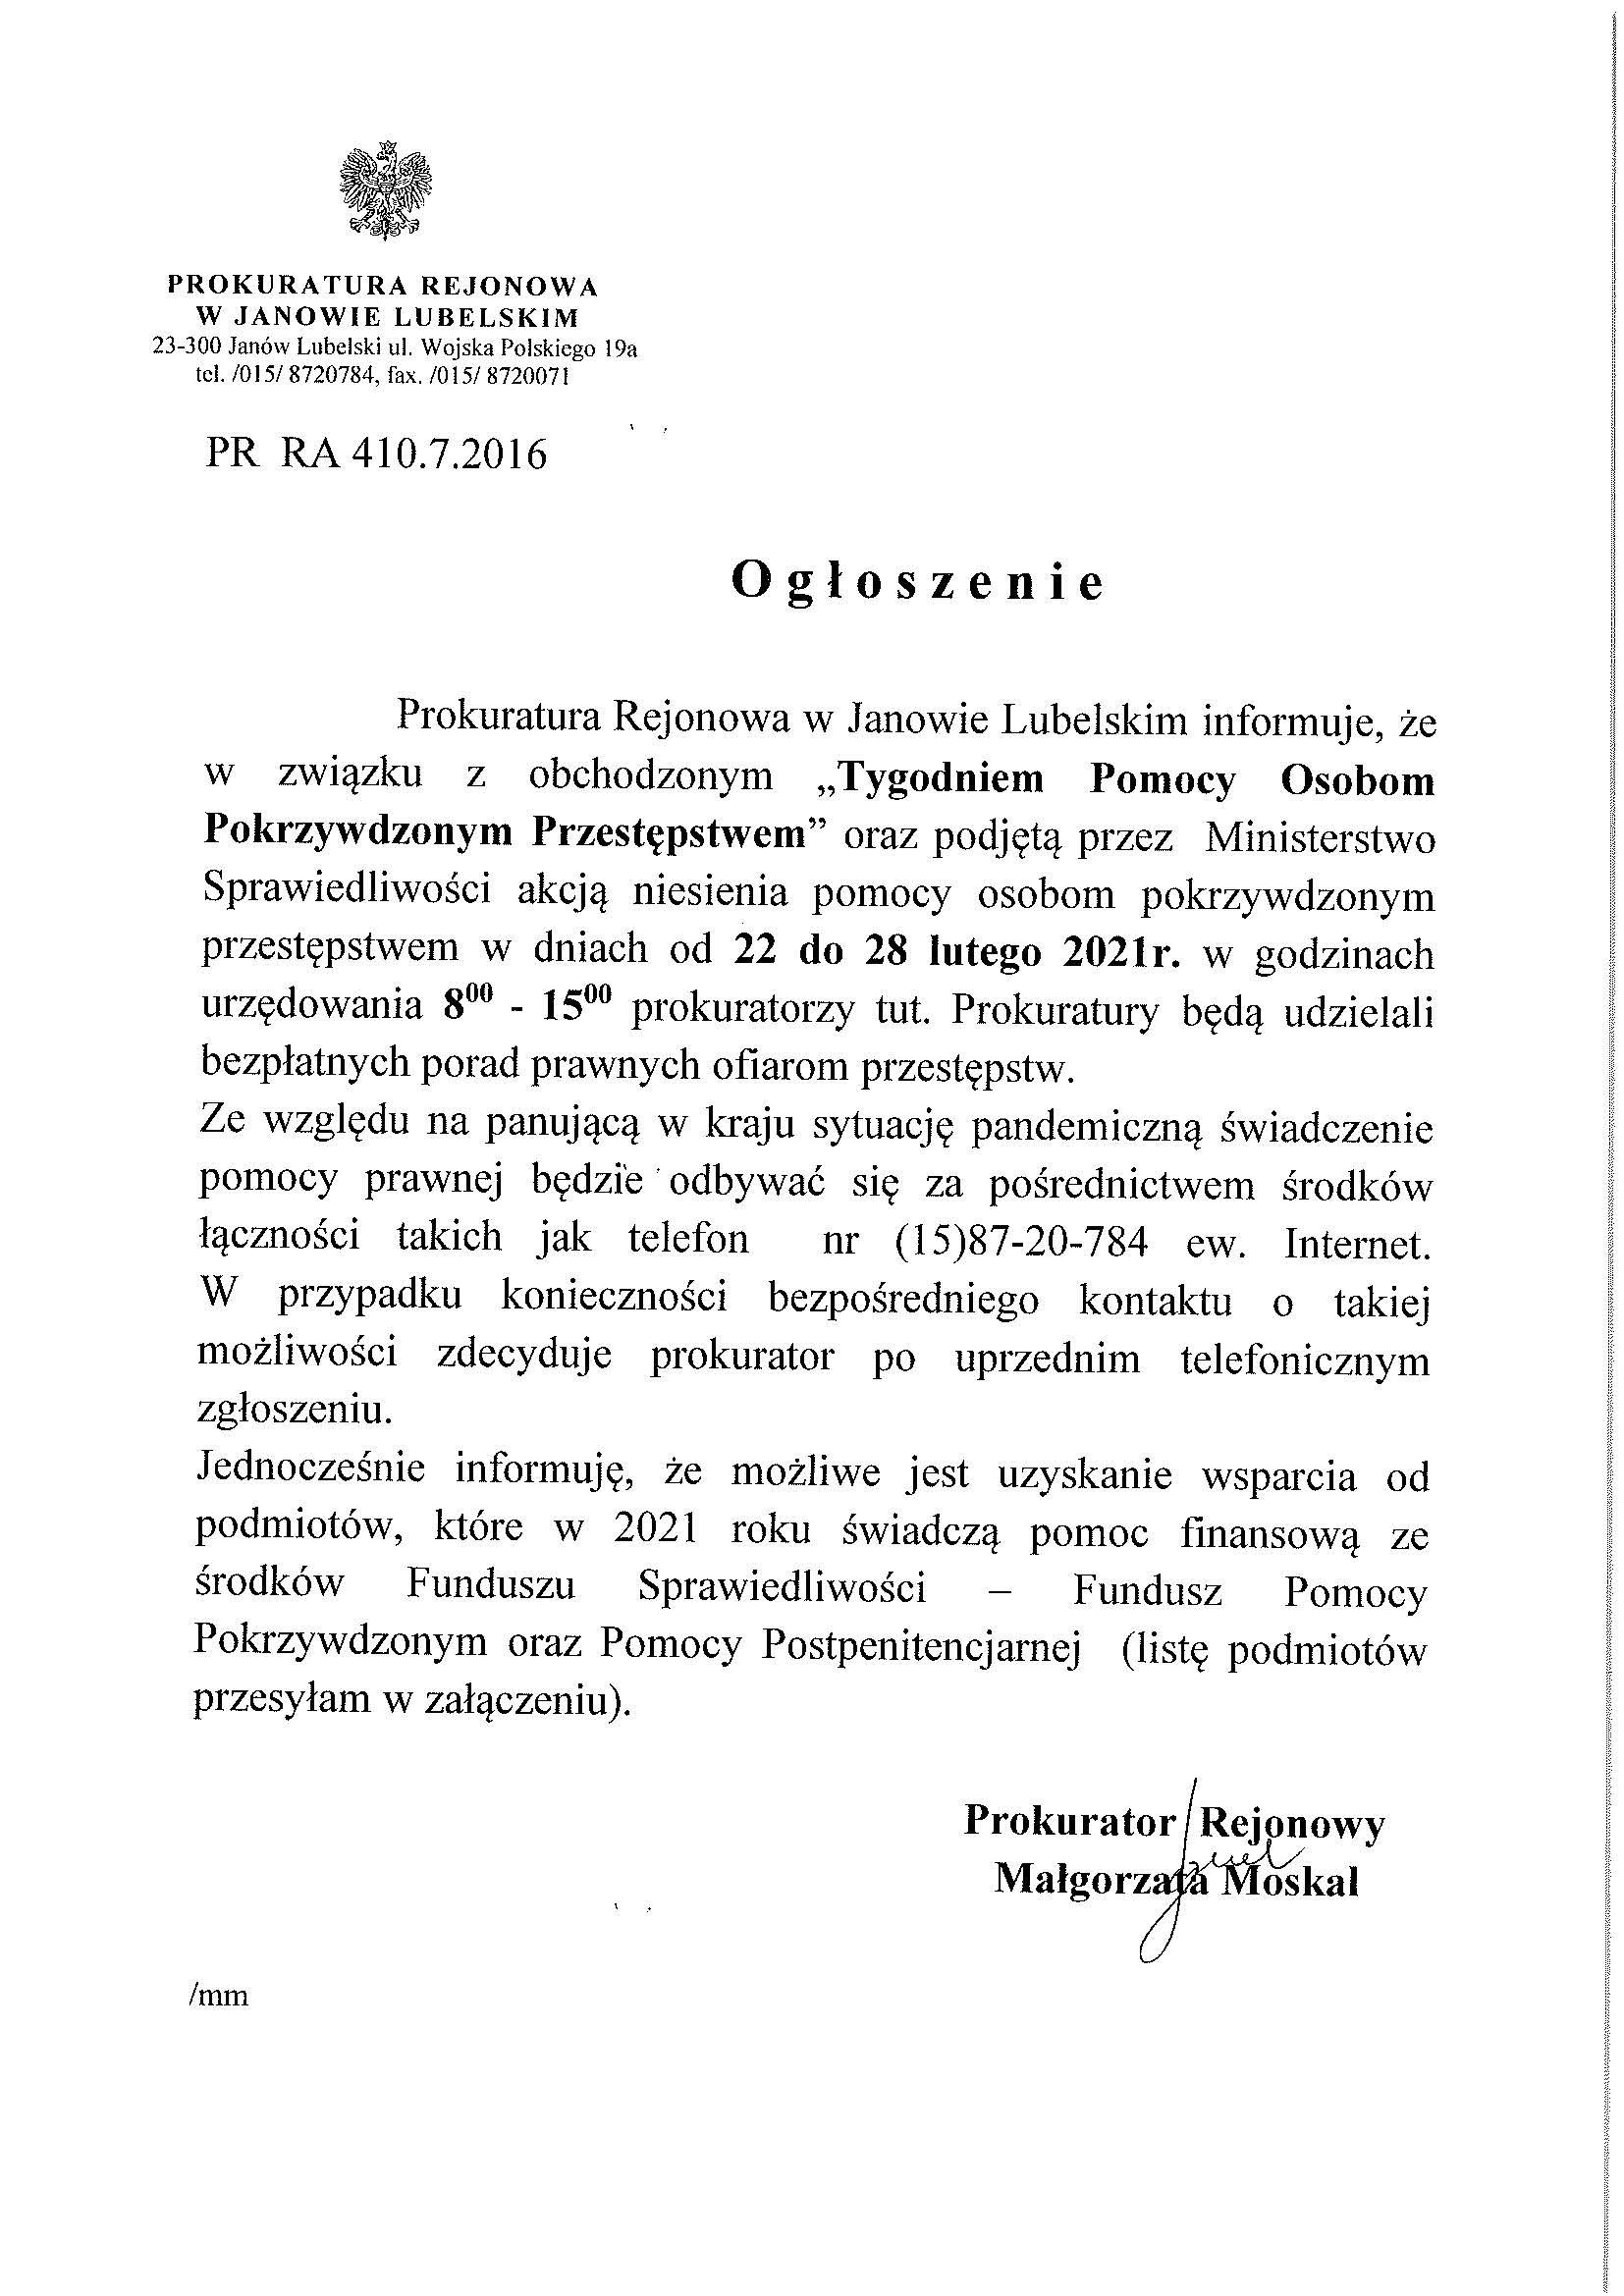 ogłoszenie od prokuratury rejonowej w janowie lubelskim